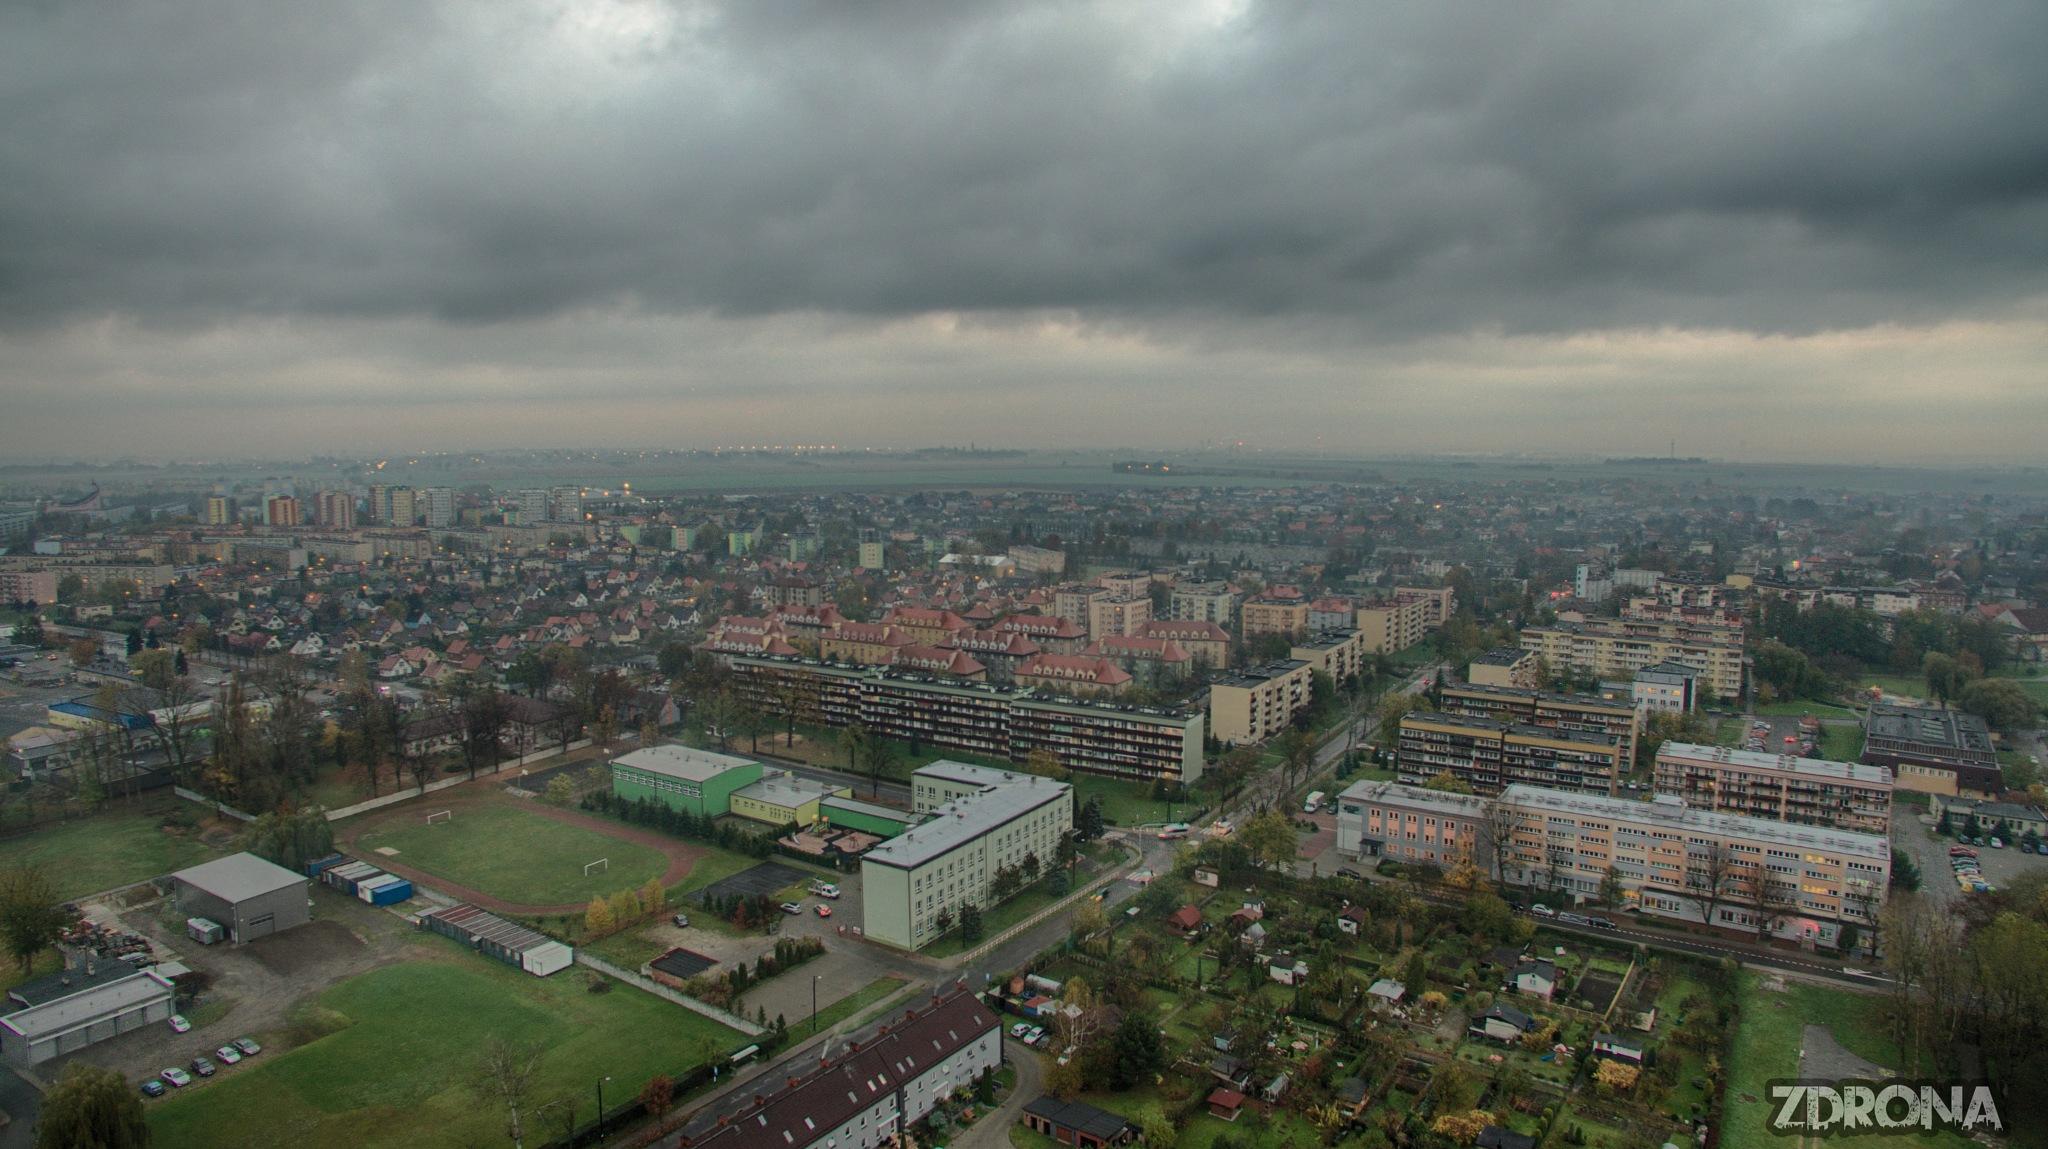 gloomy morning by Rafal Grzegorz